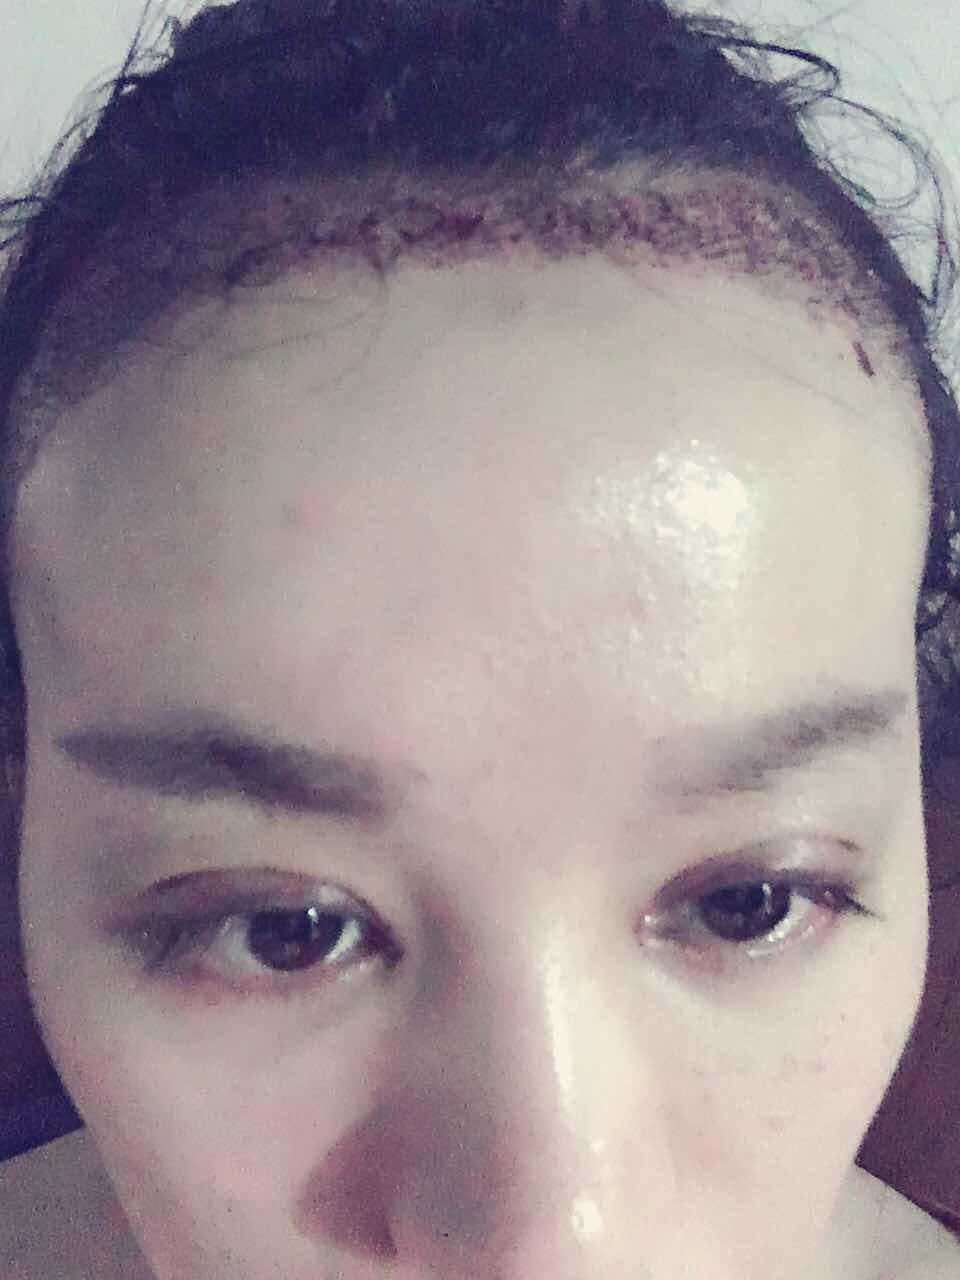 发际线移植后多长时间长头发,毛发移植后应该怎么做护理好呢